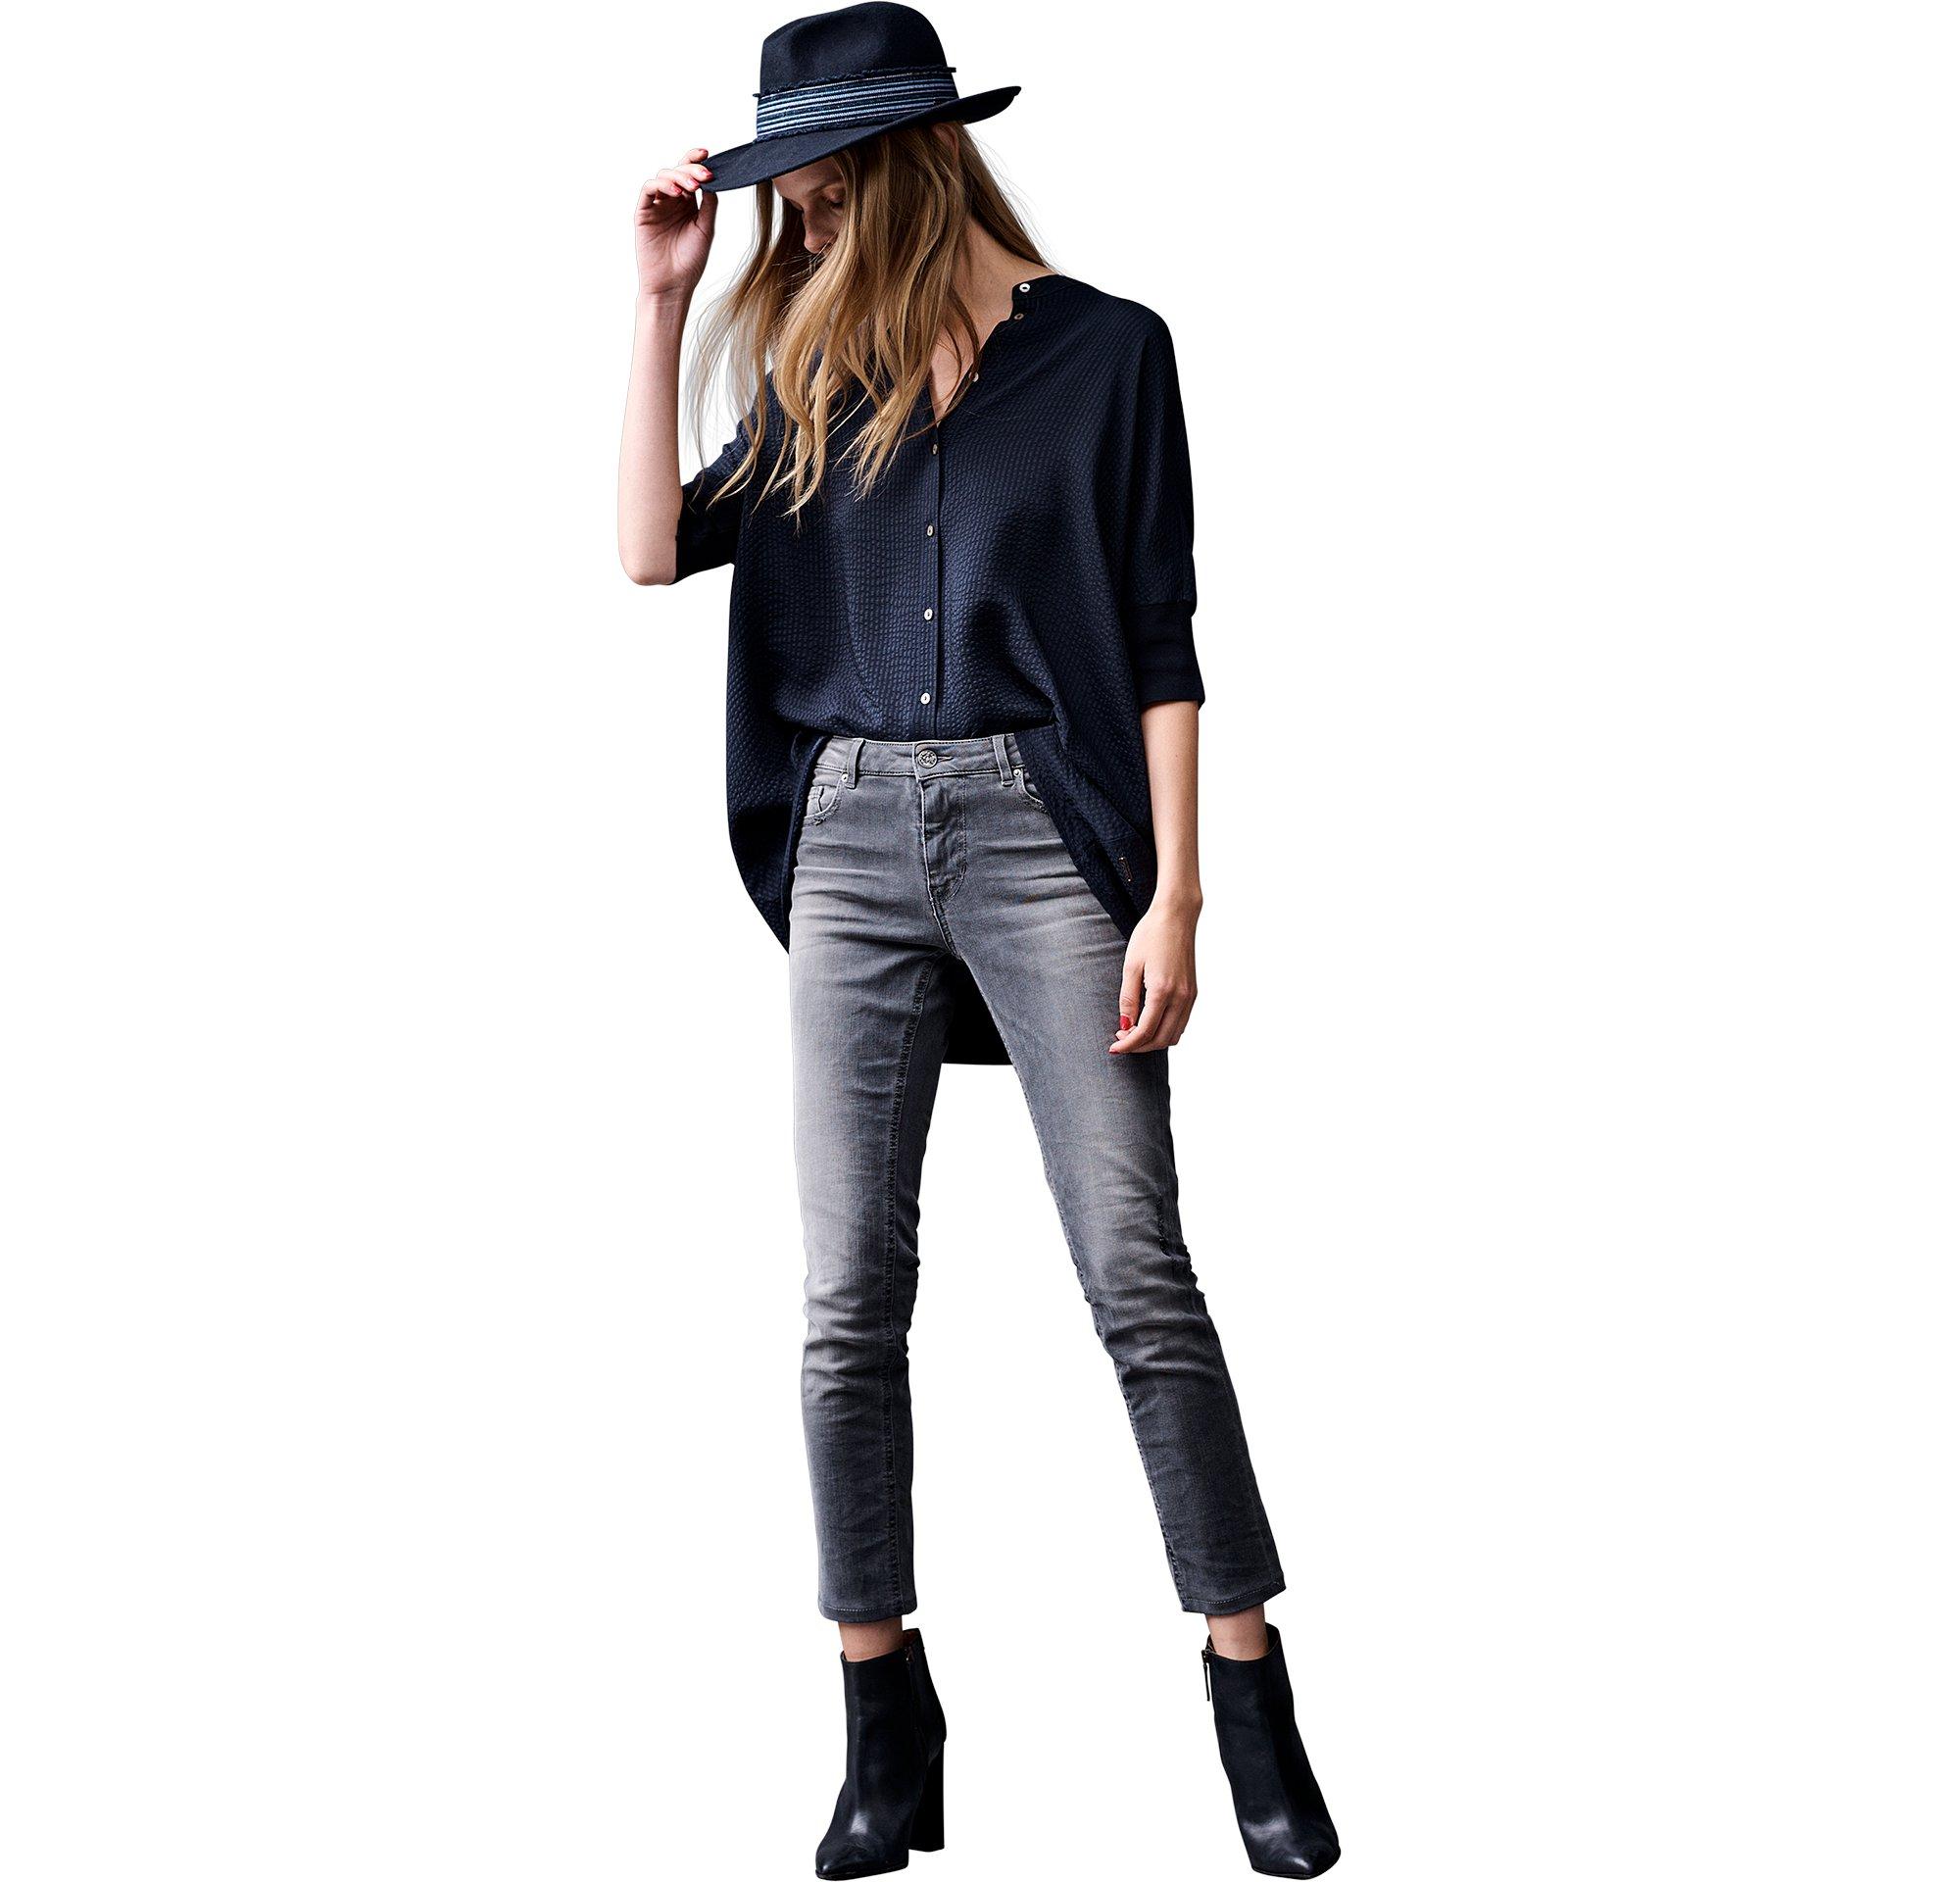 BOSS_ORANGE_Women_PF17_Look_14